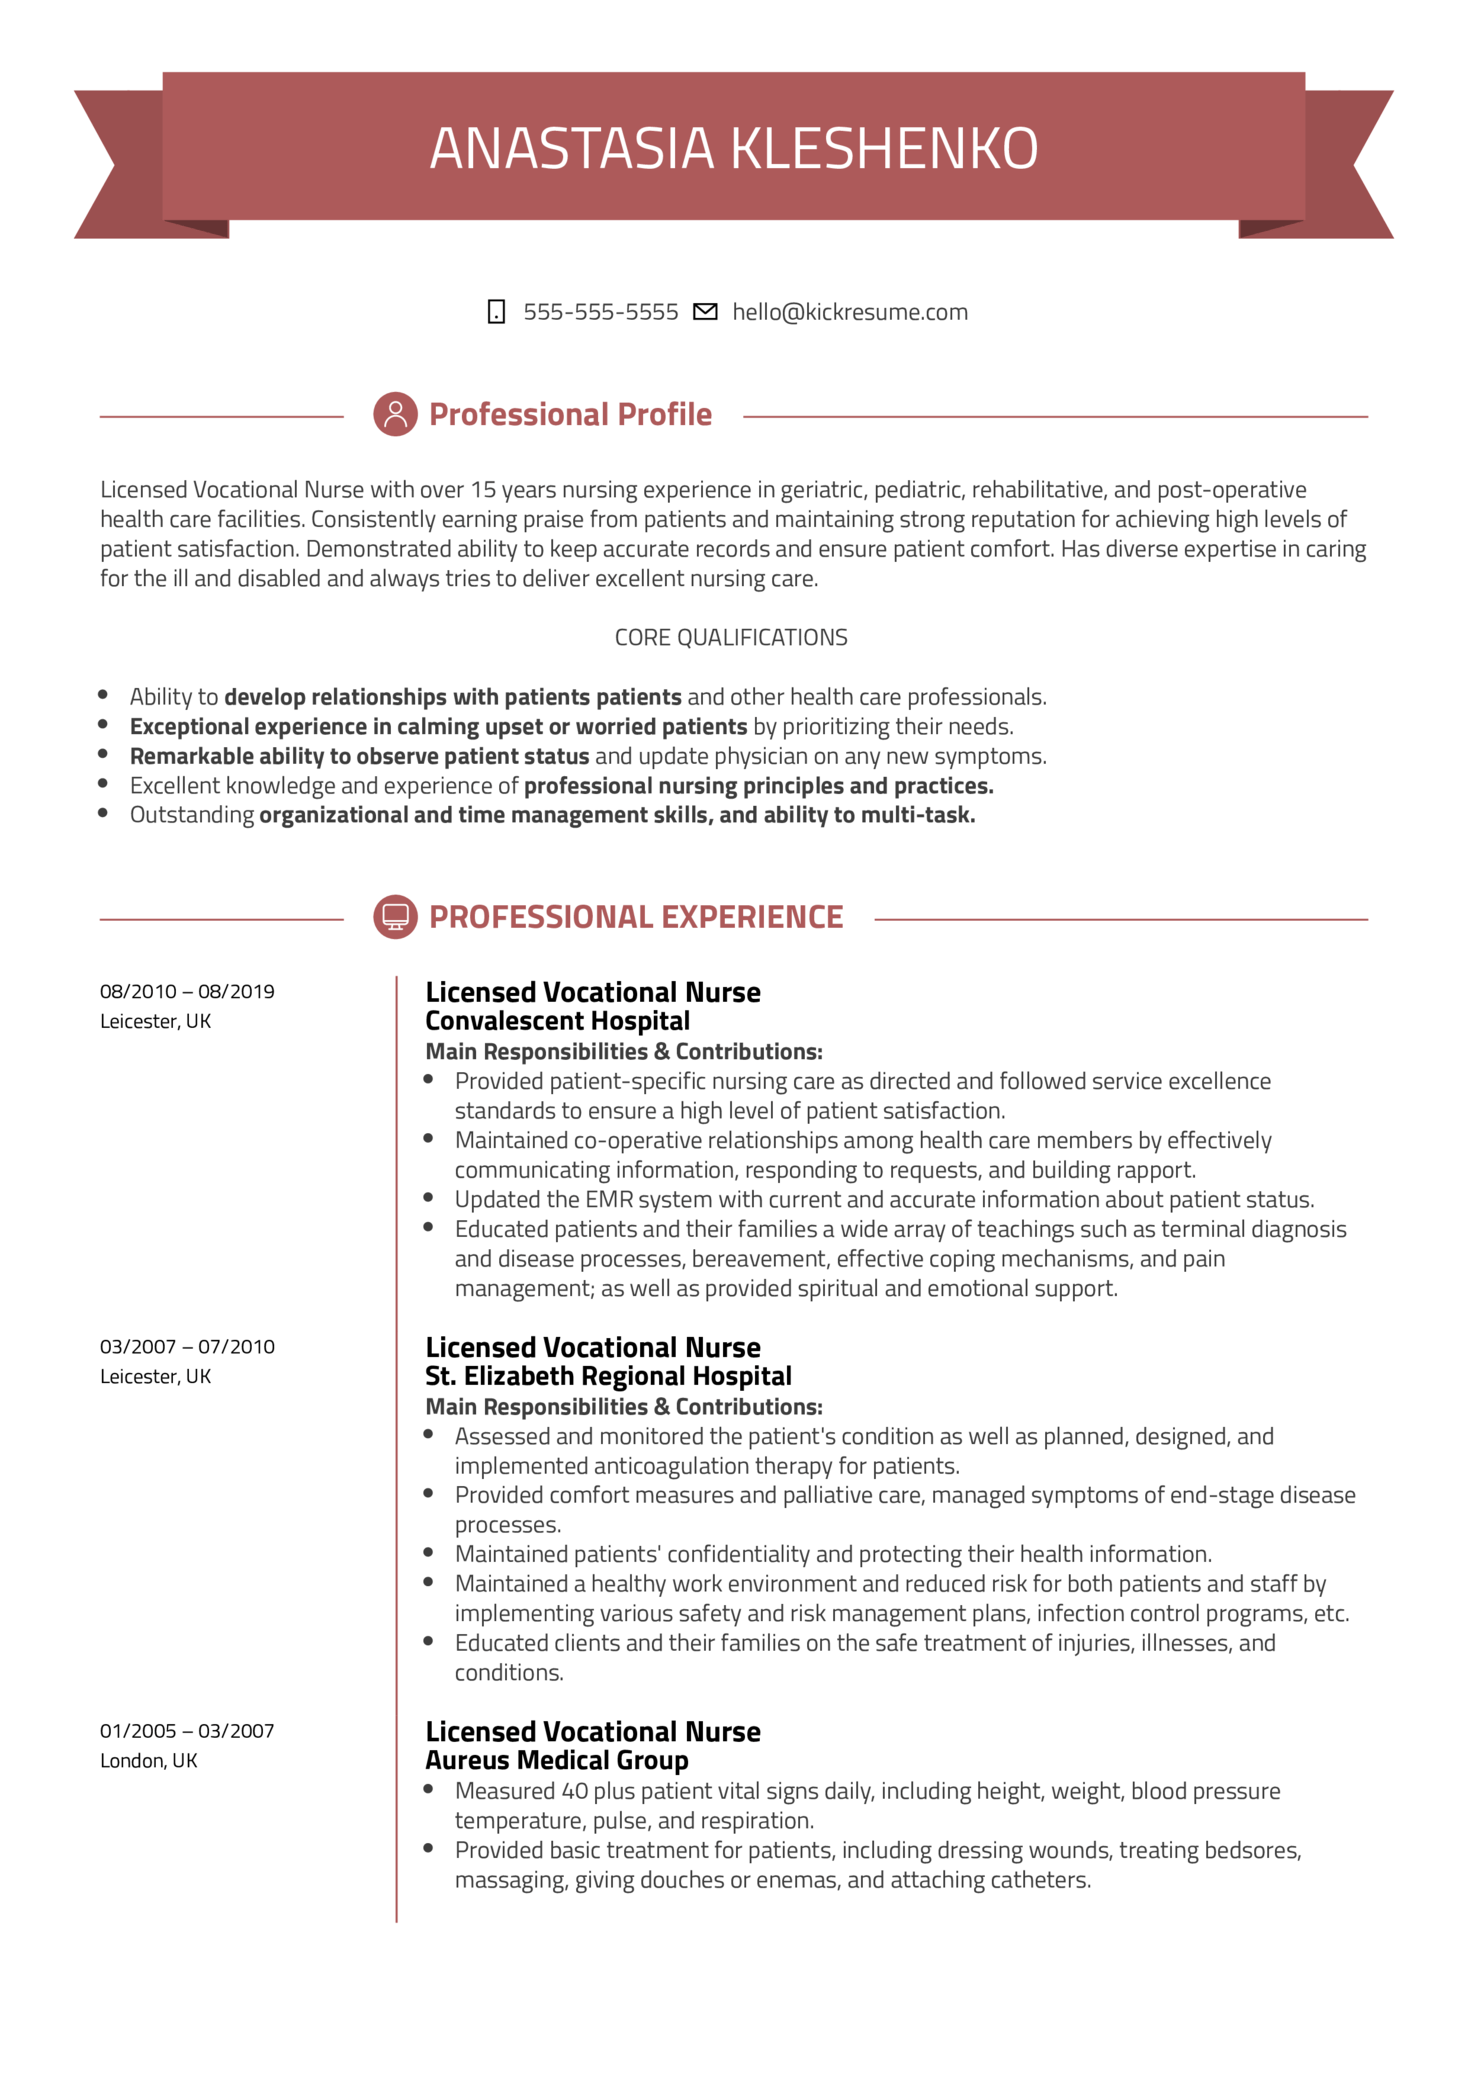 Licensed Vocational Nurse Resume Template (časť 1)